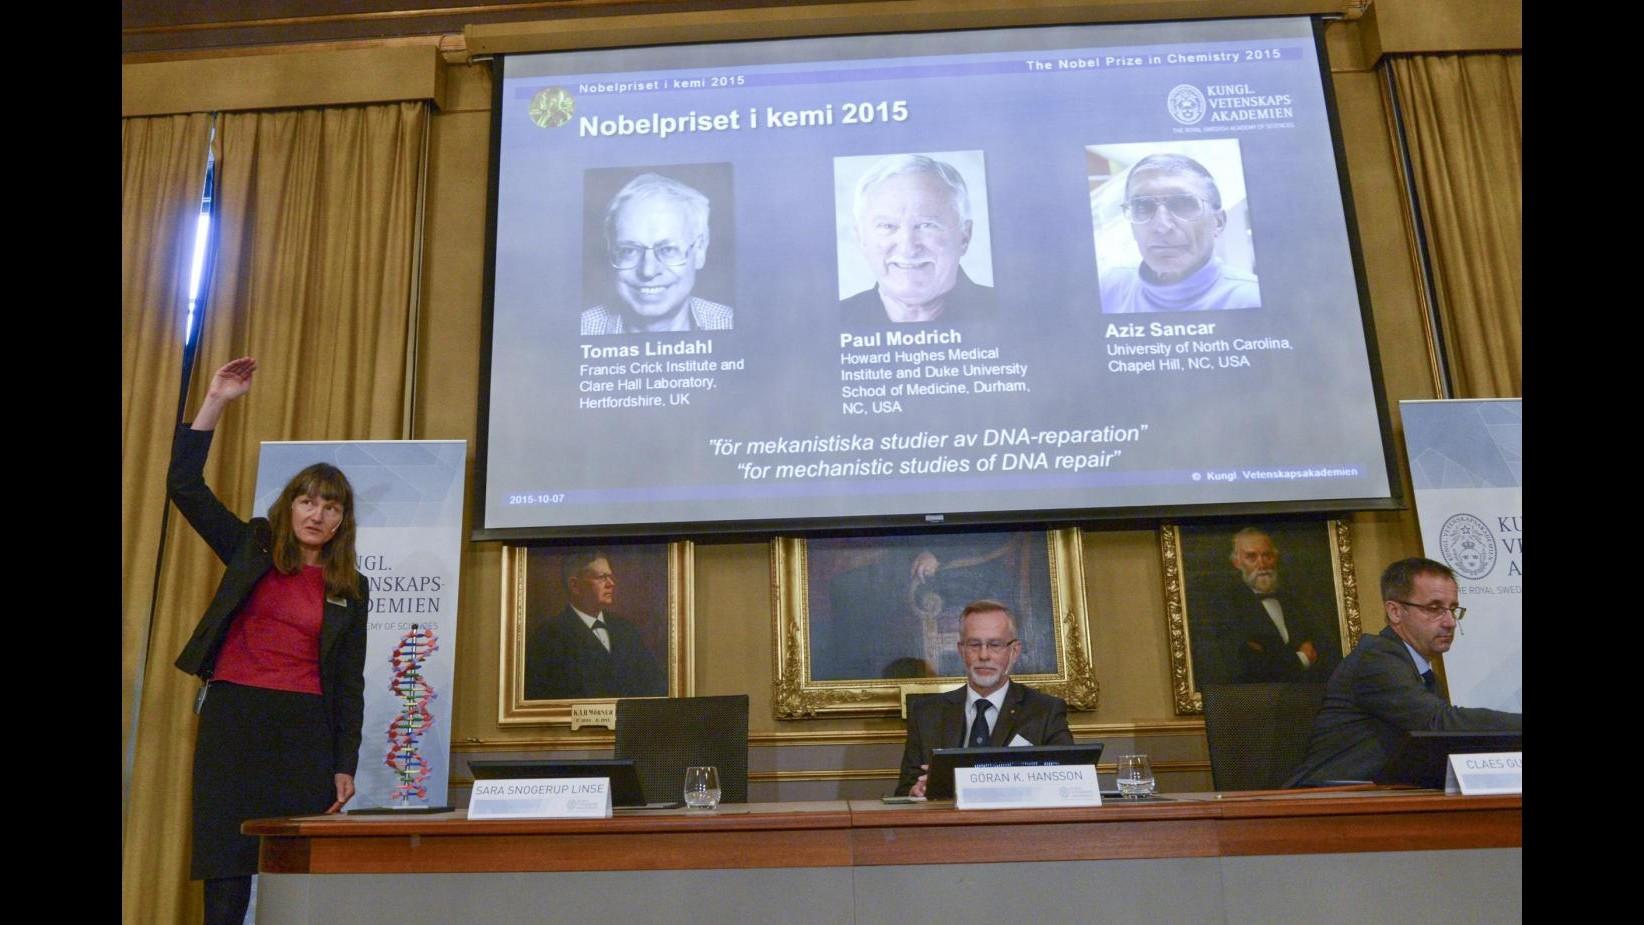 Nobel, premio Chimica a Lindhal, Modrich e Sancar per studi su Dna danneggiato